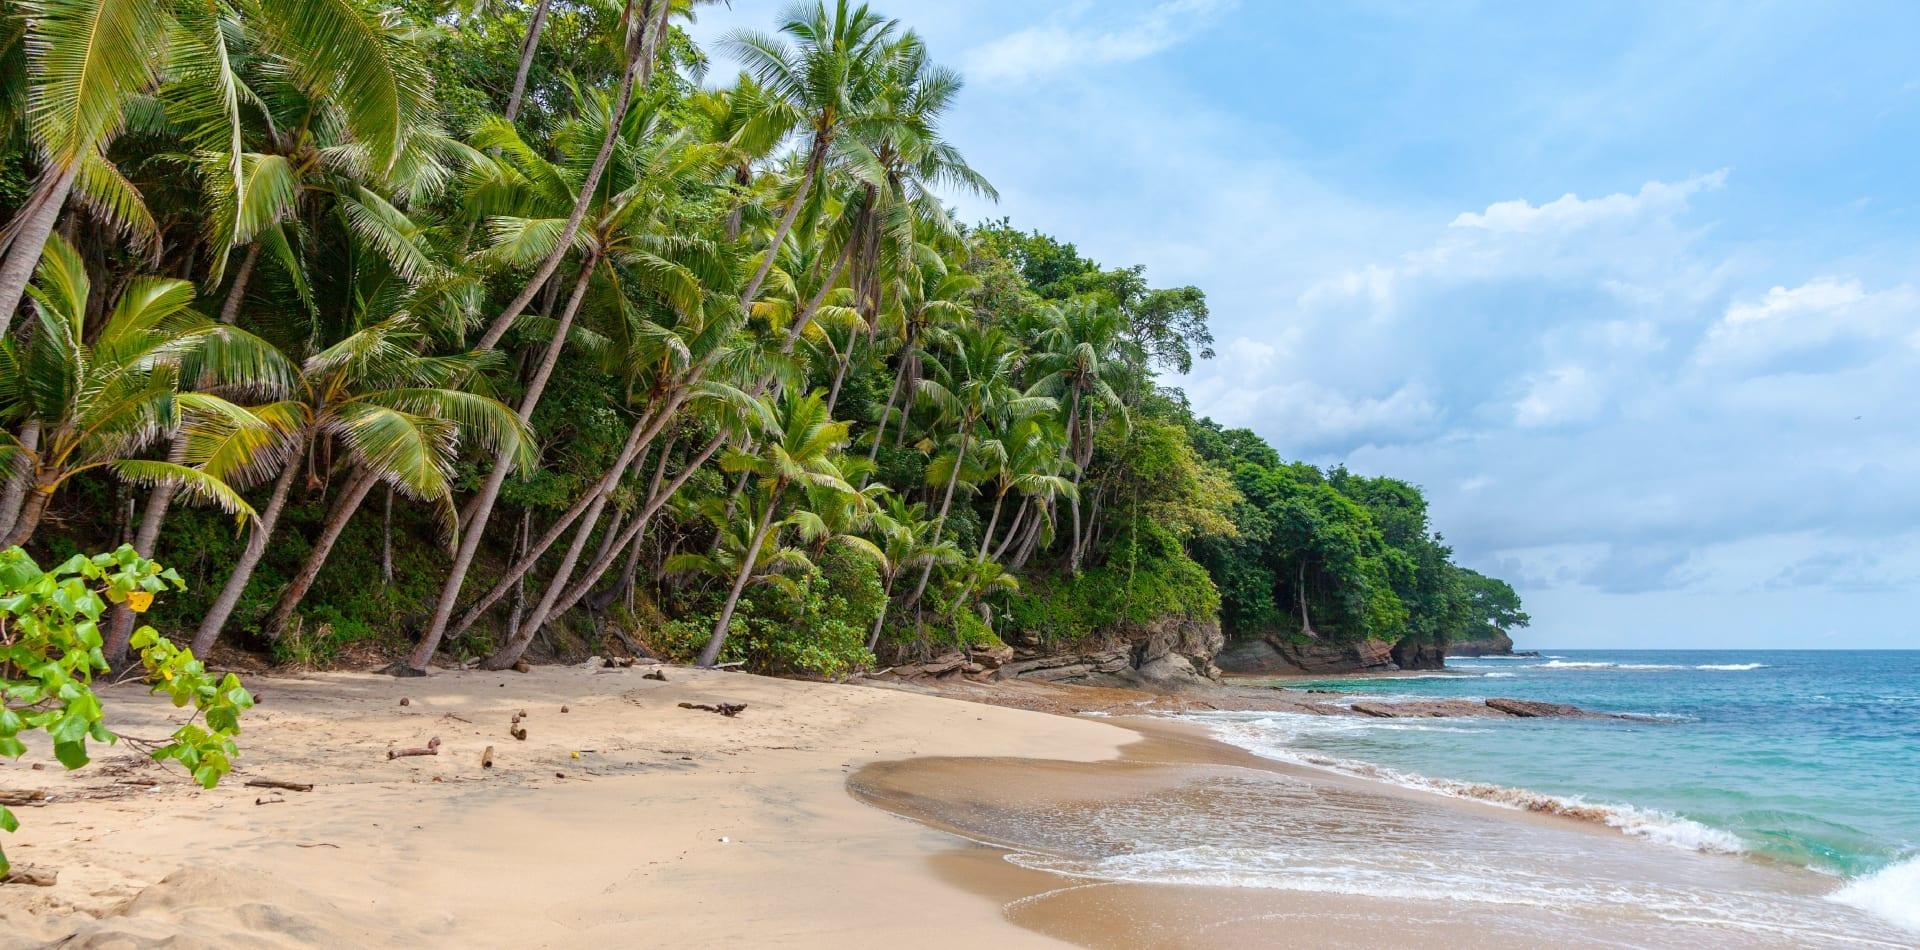 Idyllic Panama beach